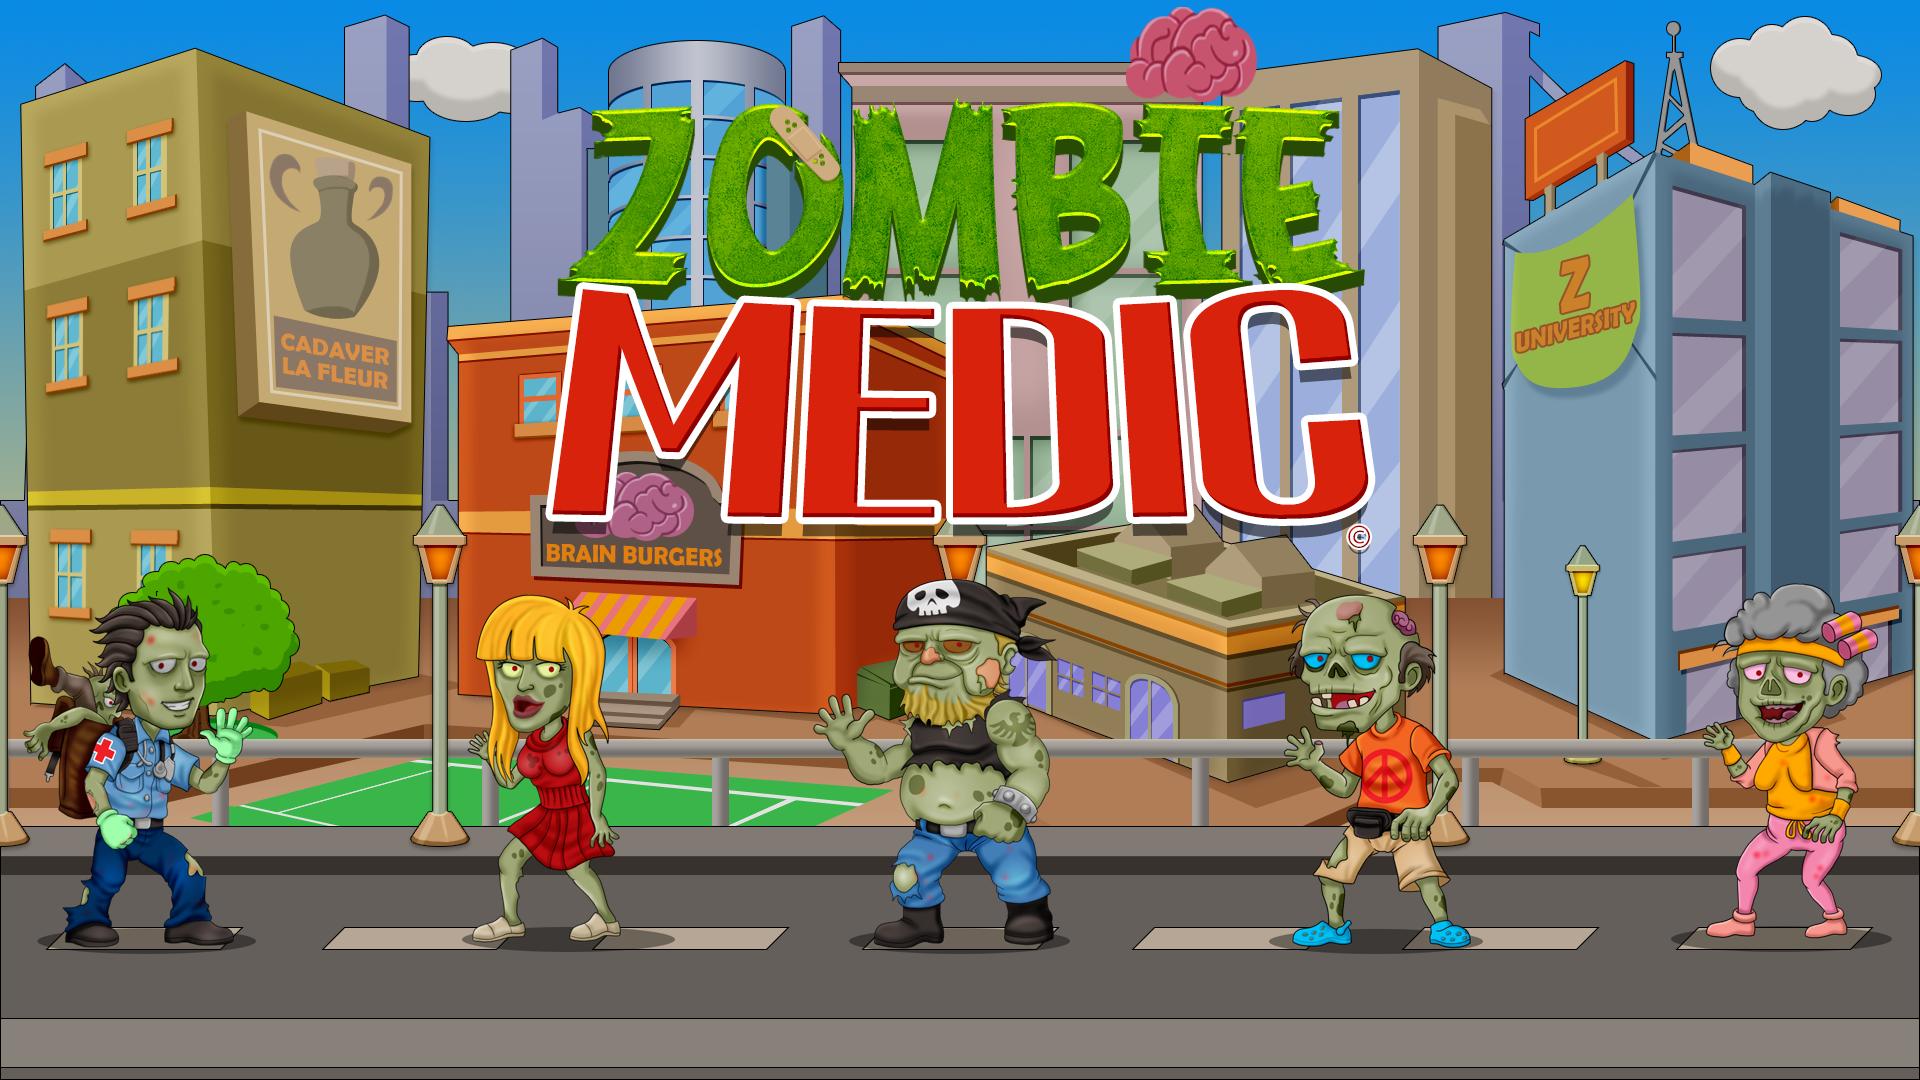 Zombie Medic